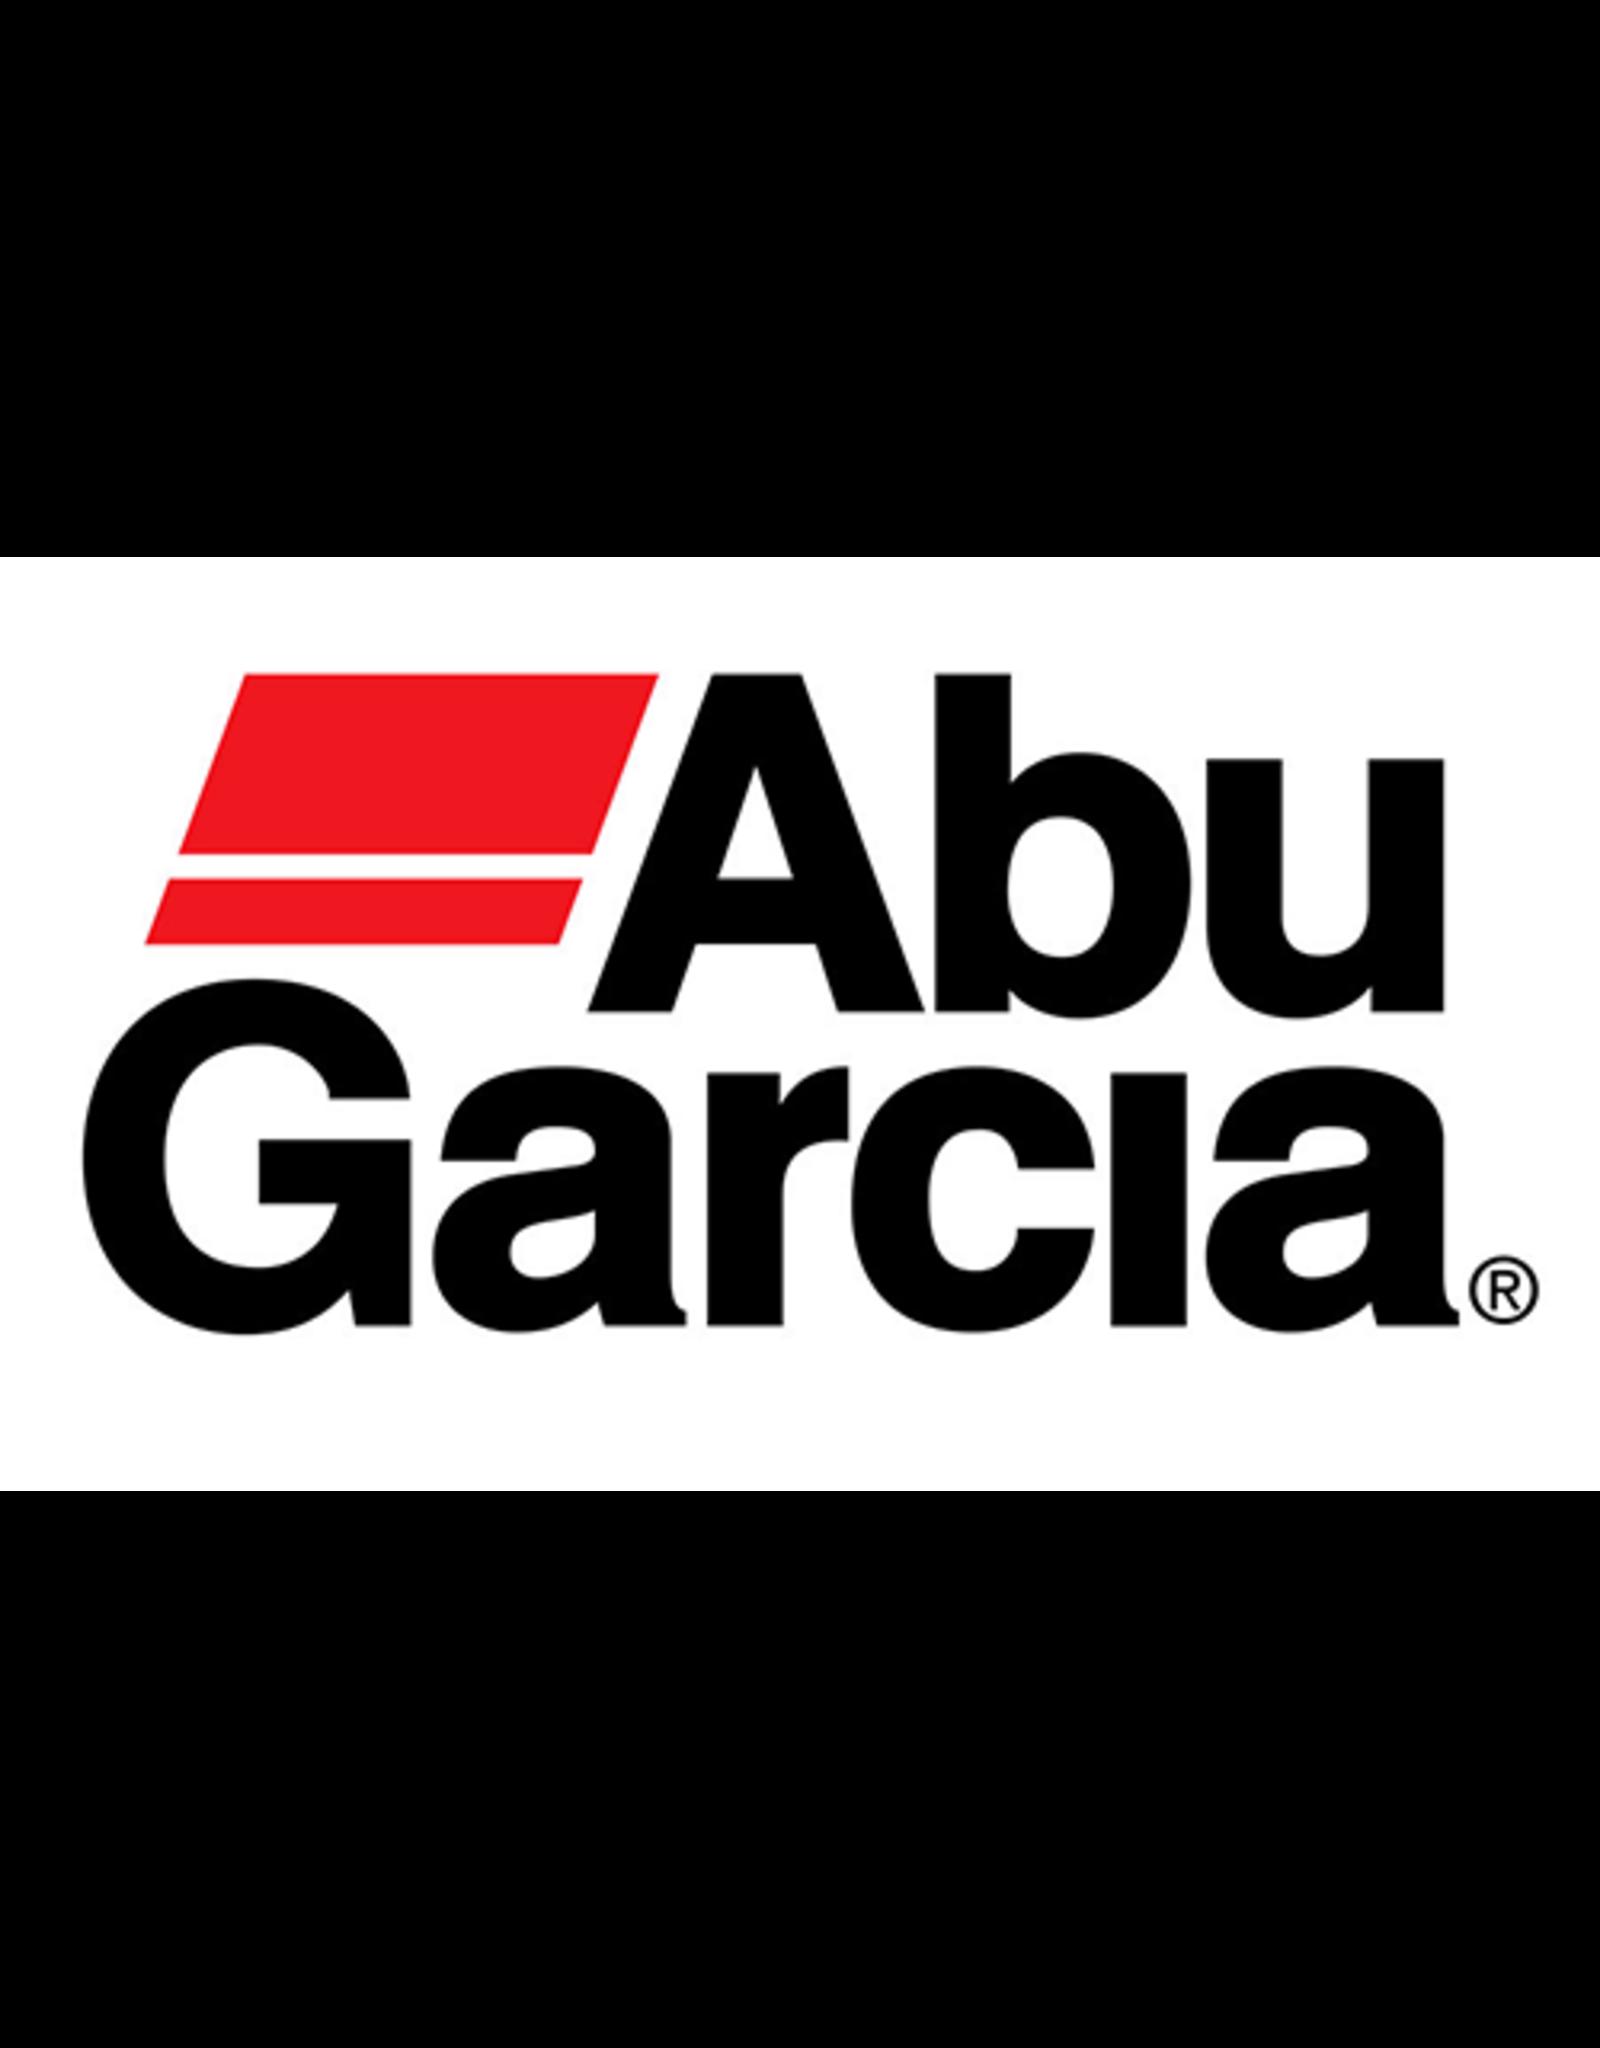 Abu Garcia DRIVE GEAR